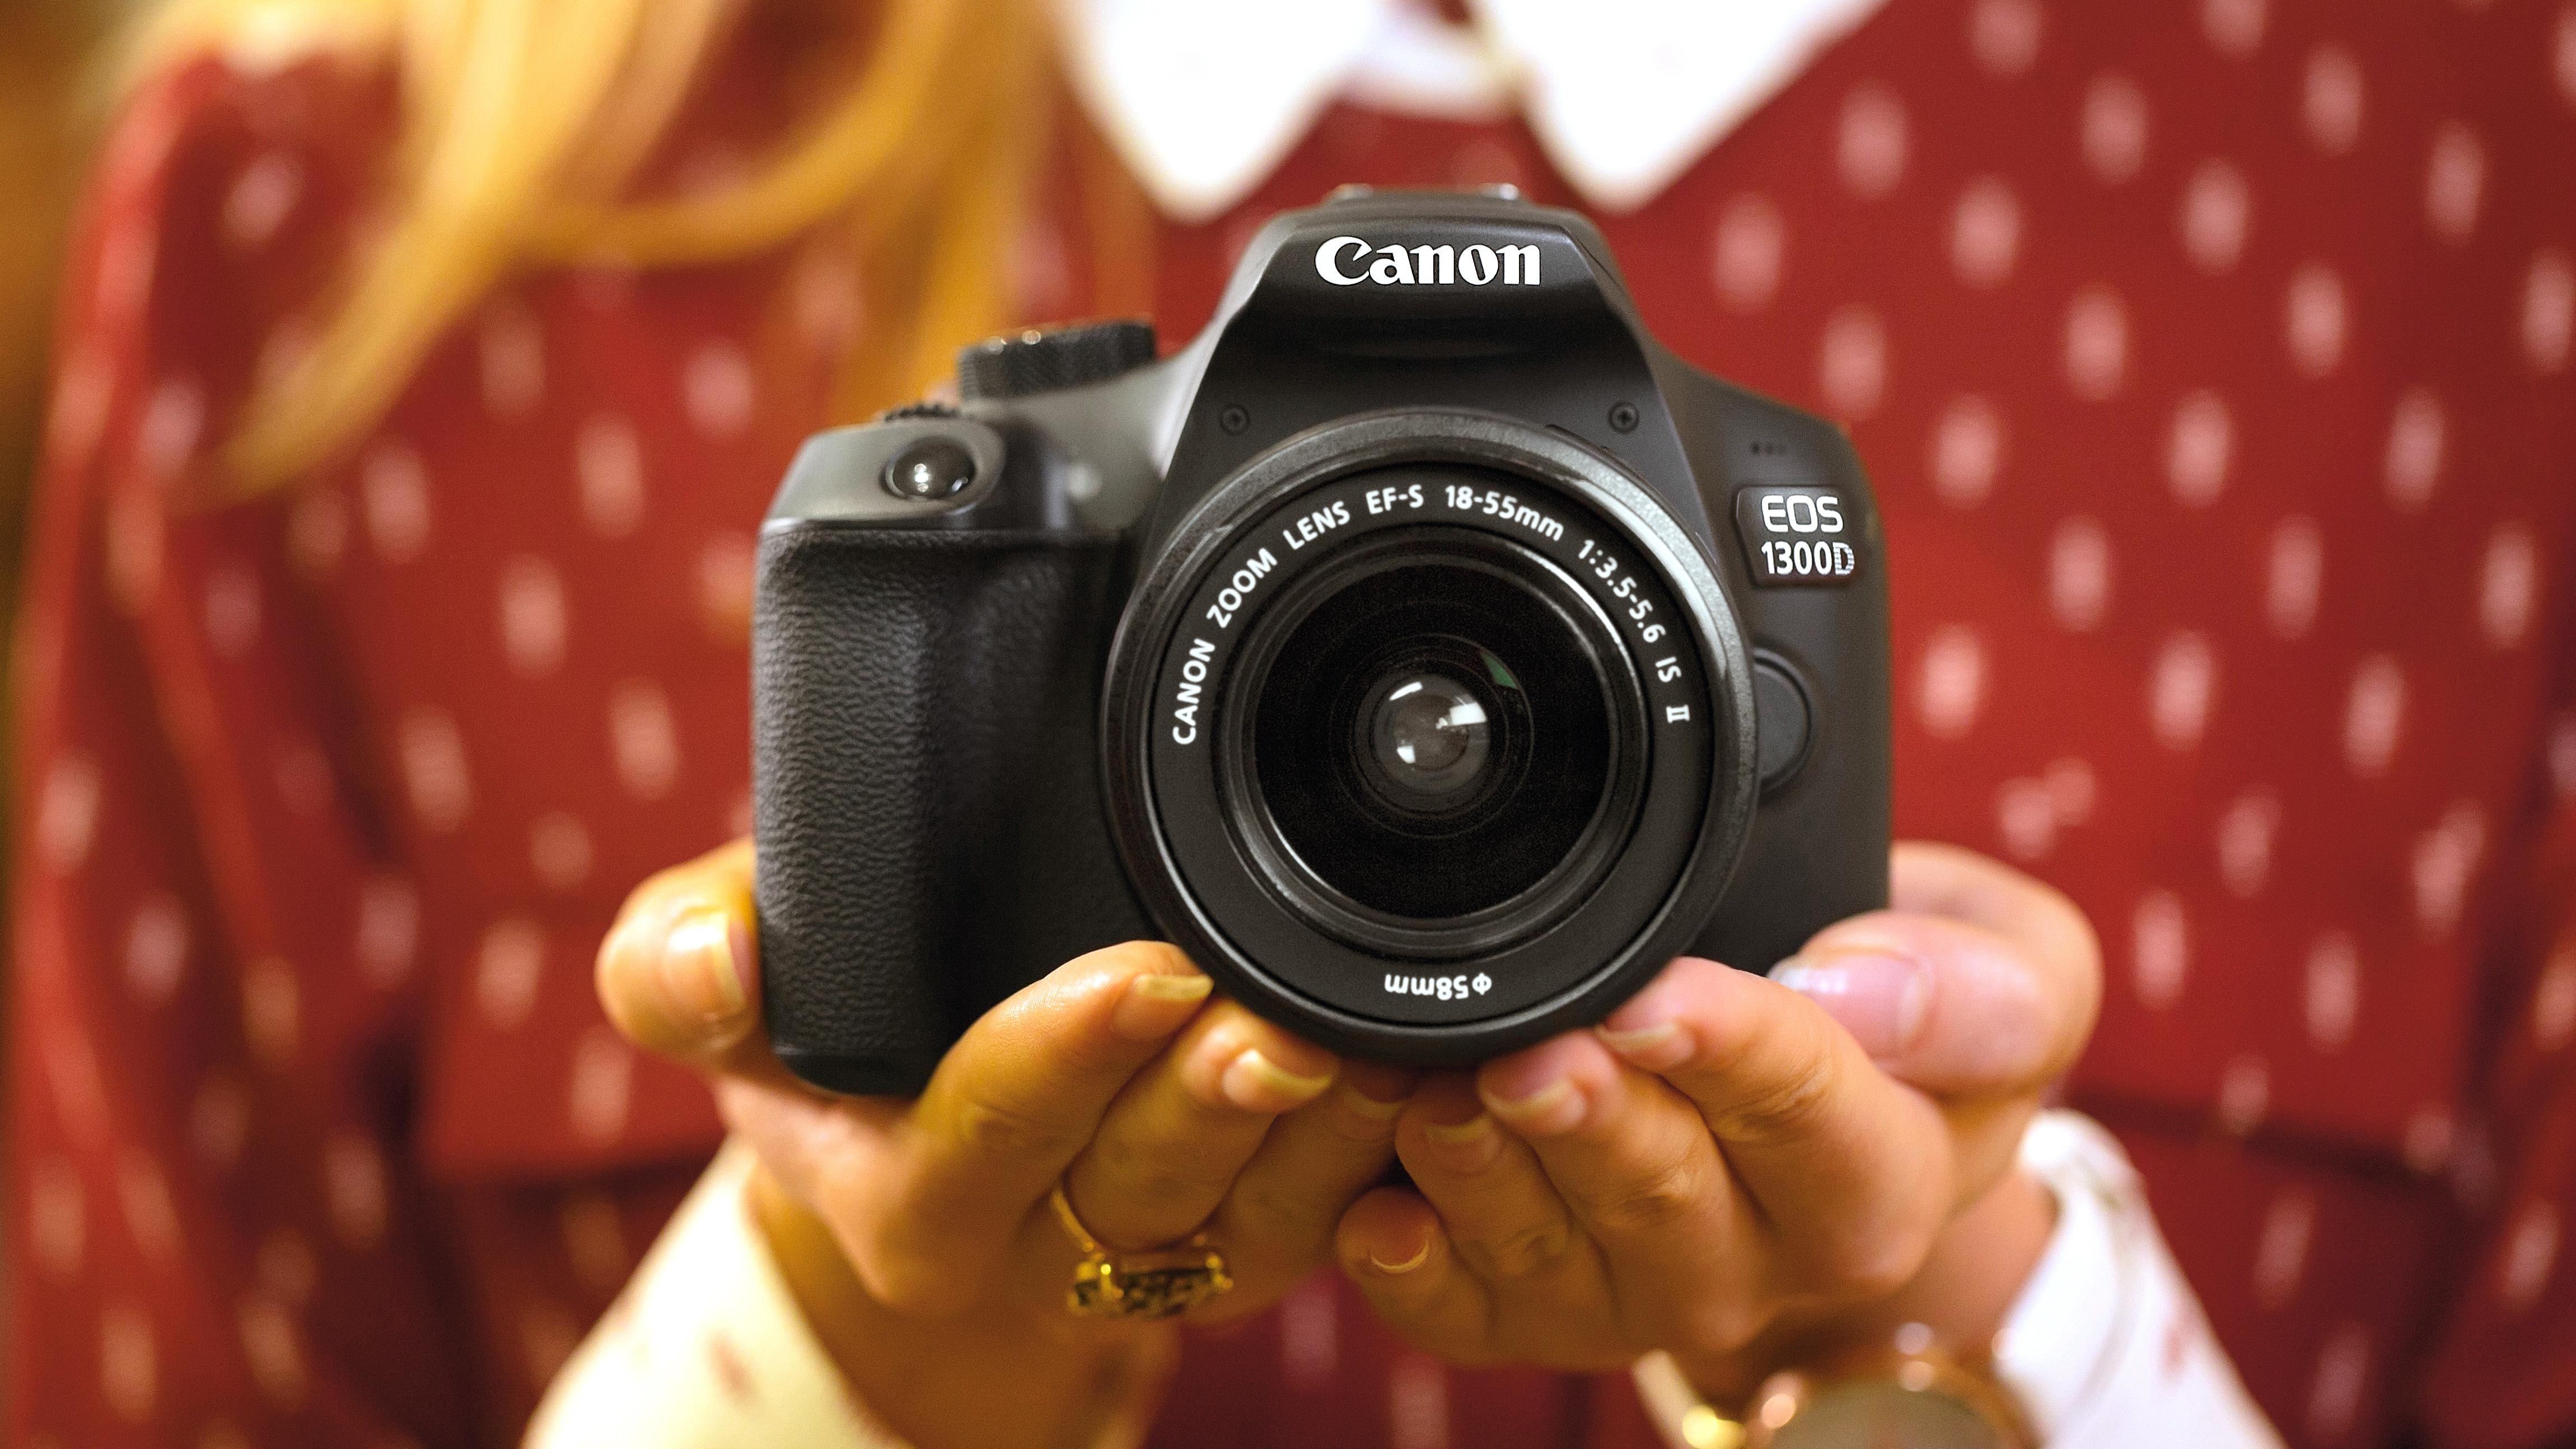 Canon Eos Rebel T6 Eos 1300d Review Techradar